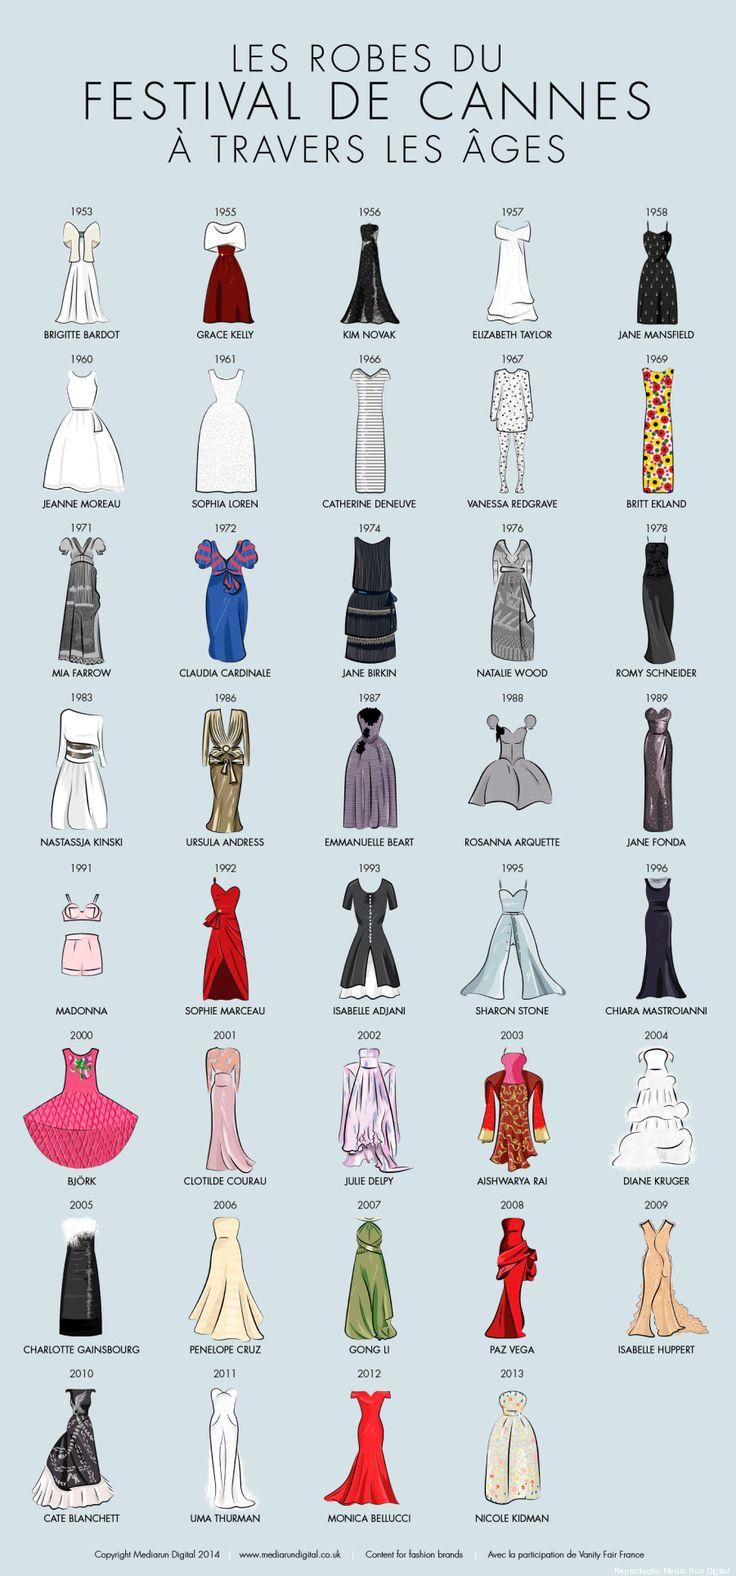 Os 39 vestidos mais icônicos já usados pelas famosas no Festival de Cannes (INFOGRÁFICO)